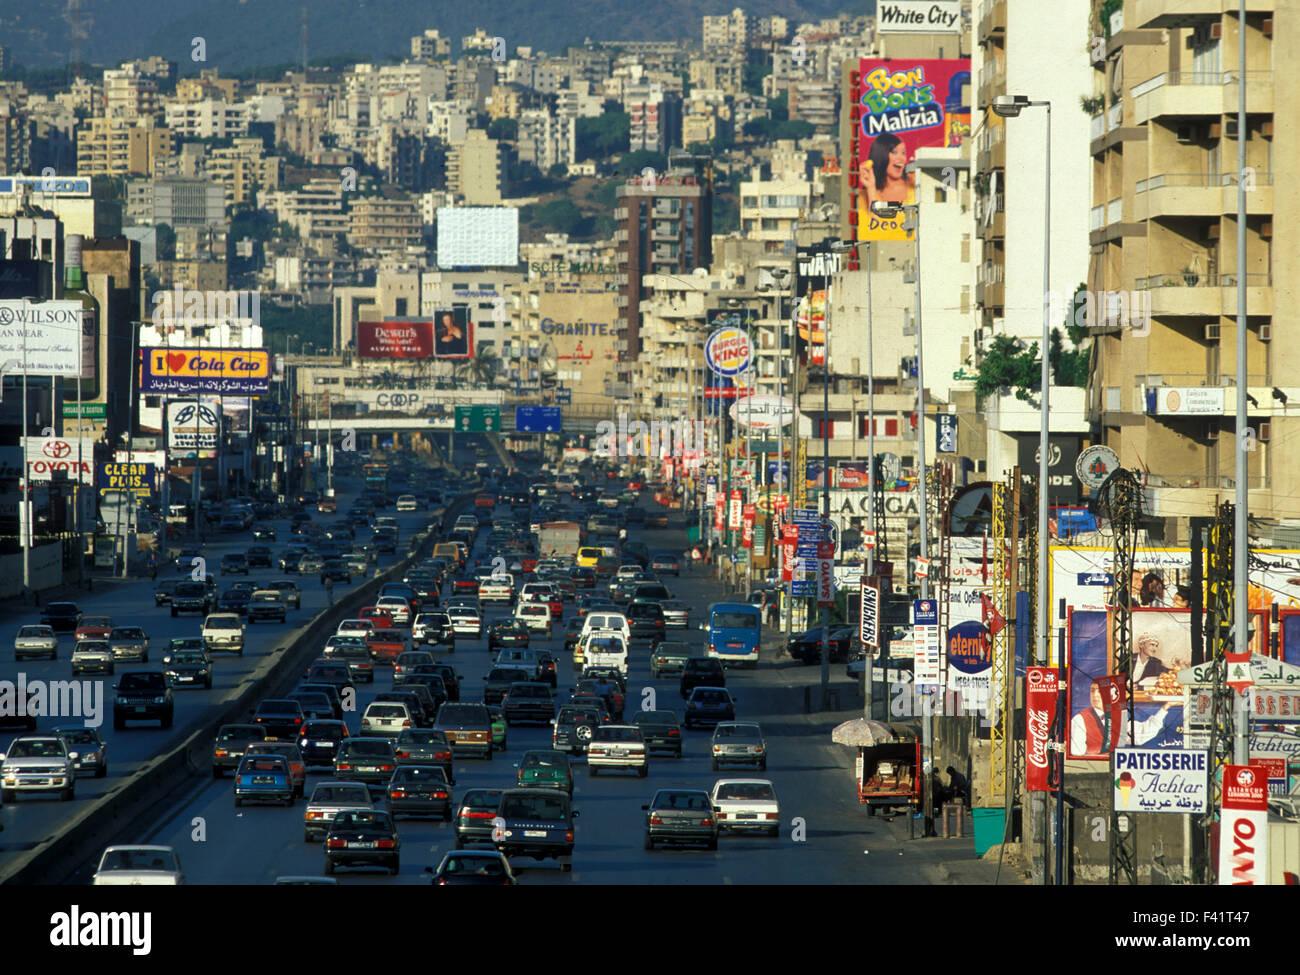 Oriente Medio Líbano Beirut Imagen De Stock